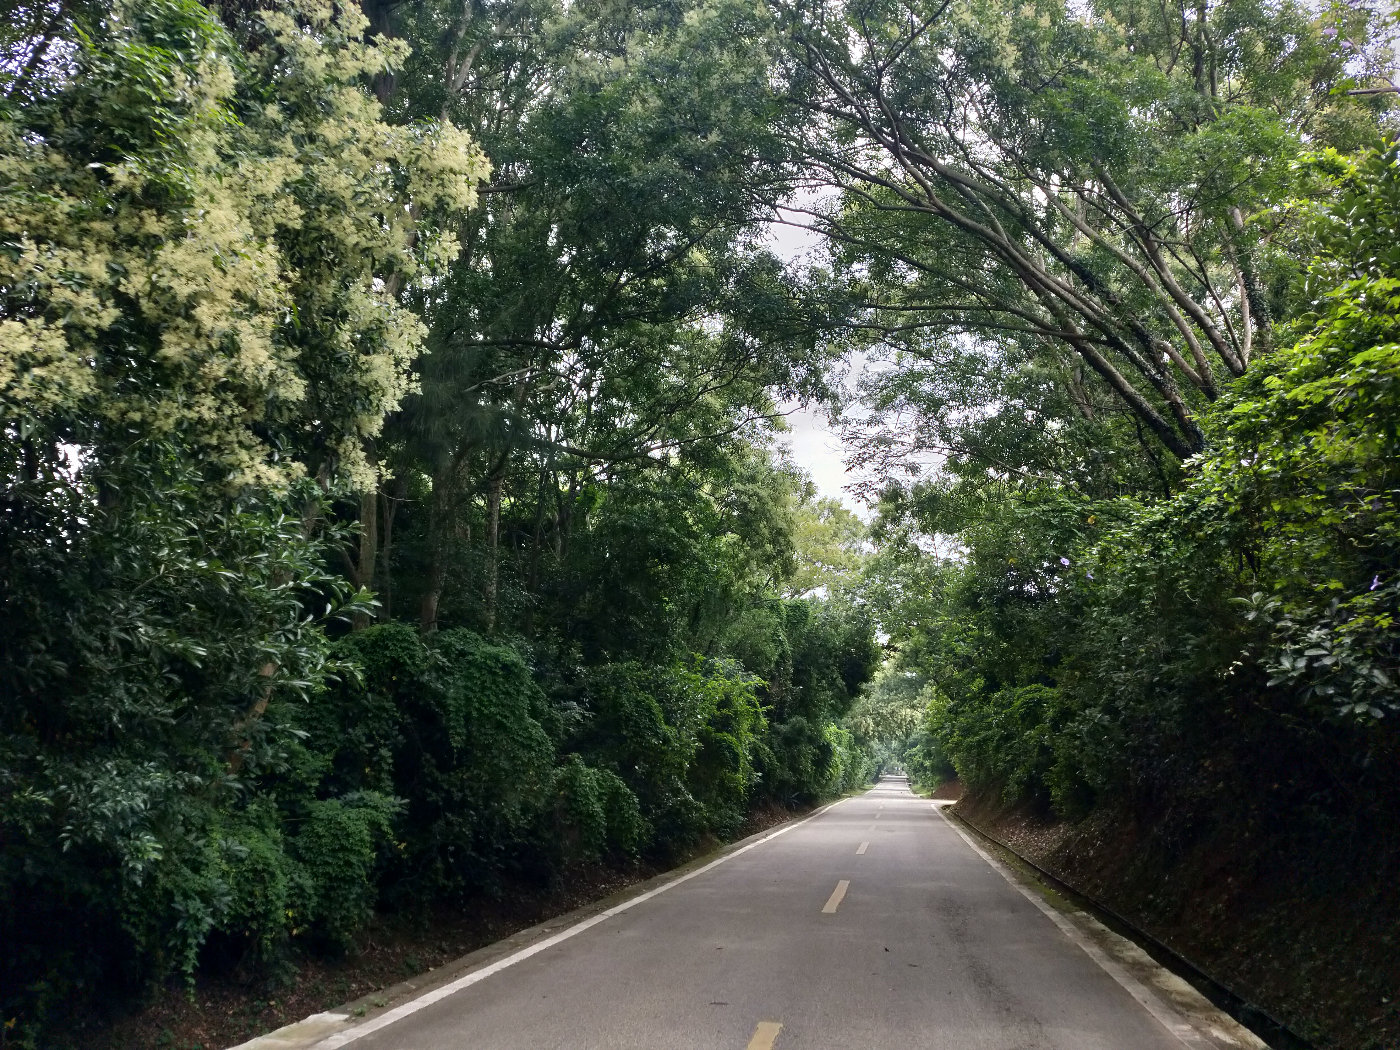 道路两旁的树长得特别茂盛